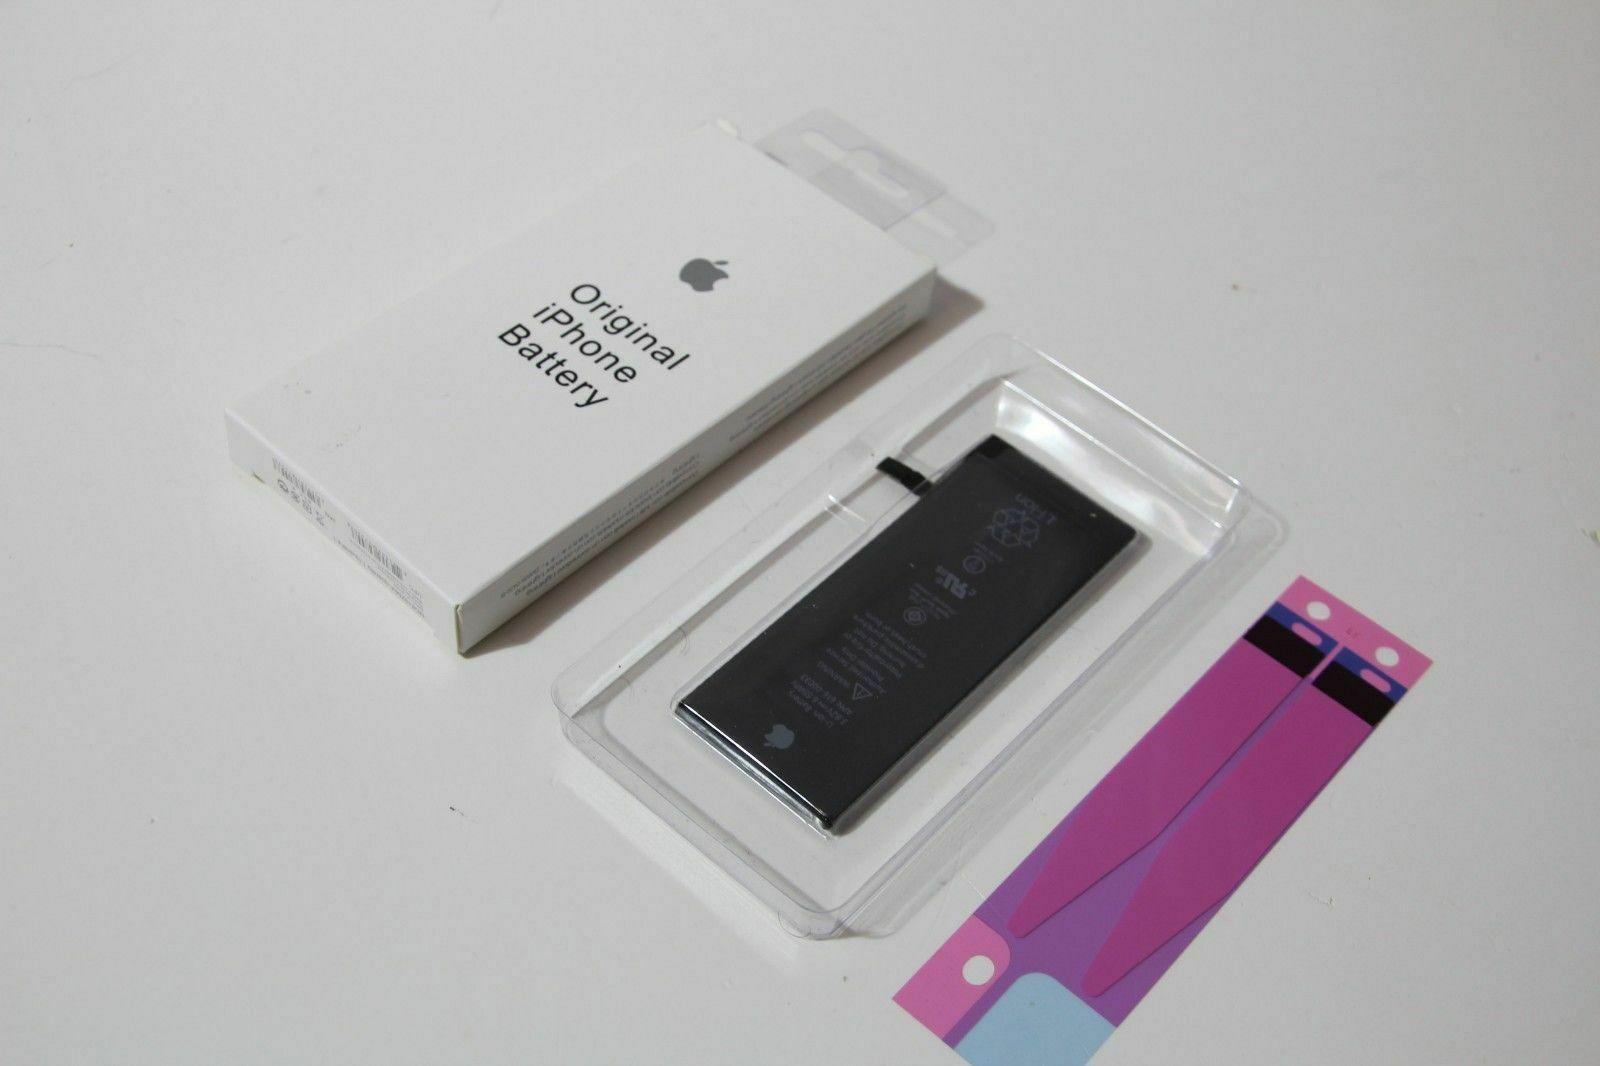 Bateria 100% original Apple iphone 6s - na Total infor